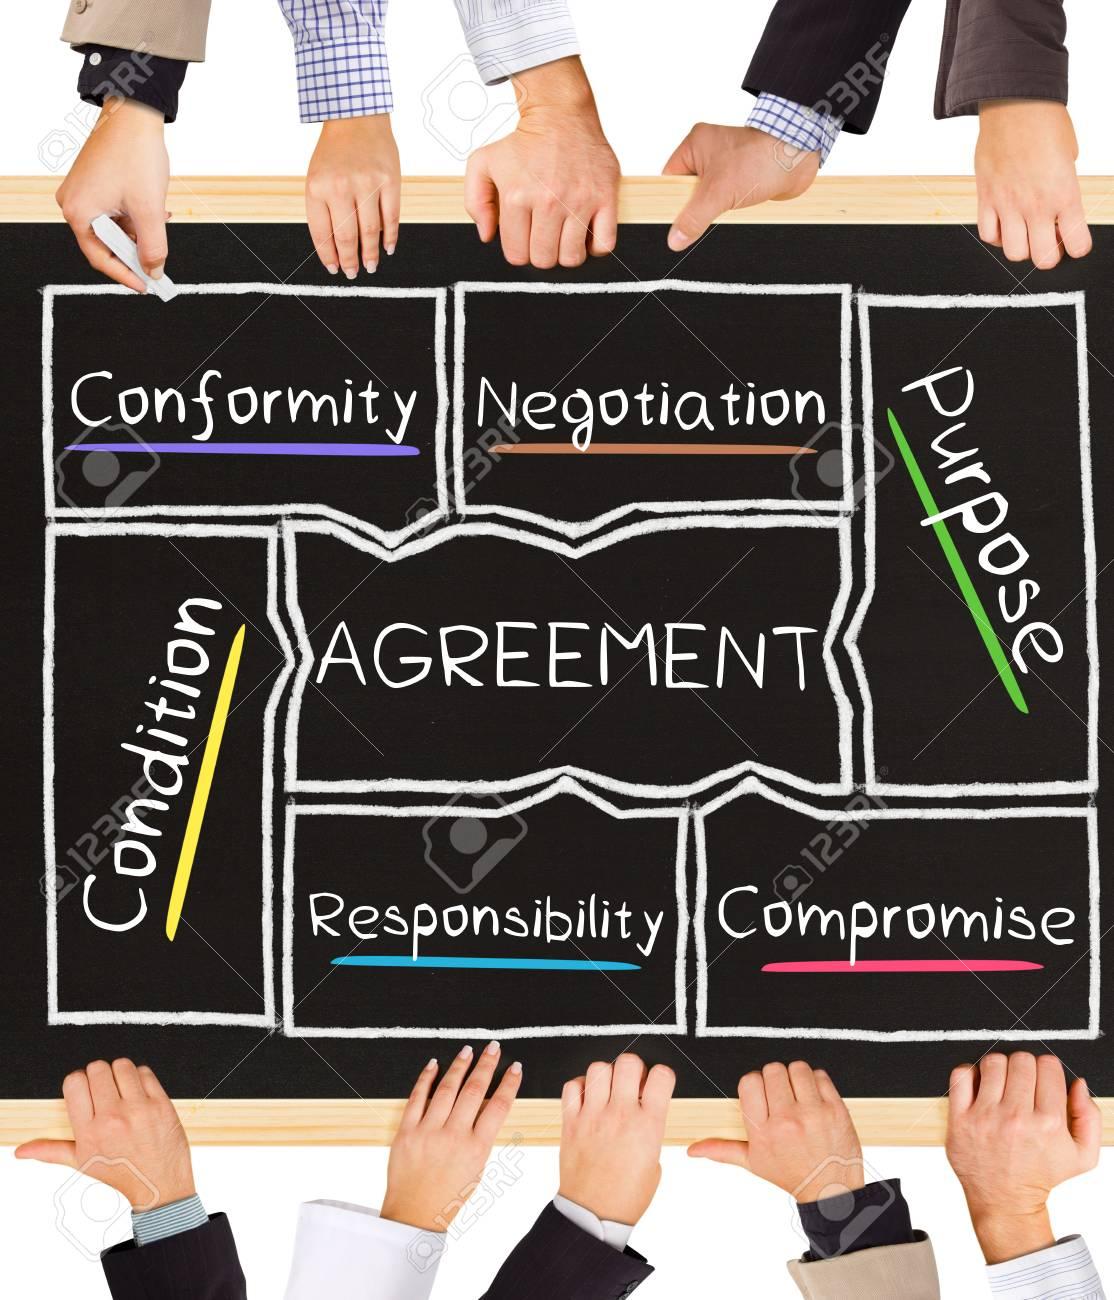 Foto Des Business Händen Halten Tafel Und Schreiben Vereinbarung